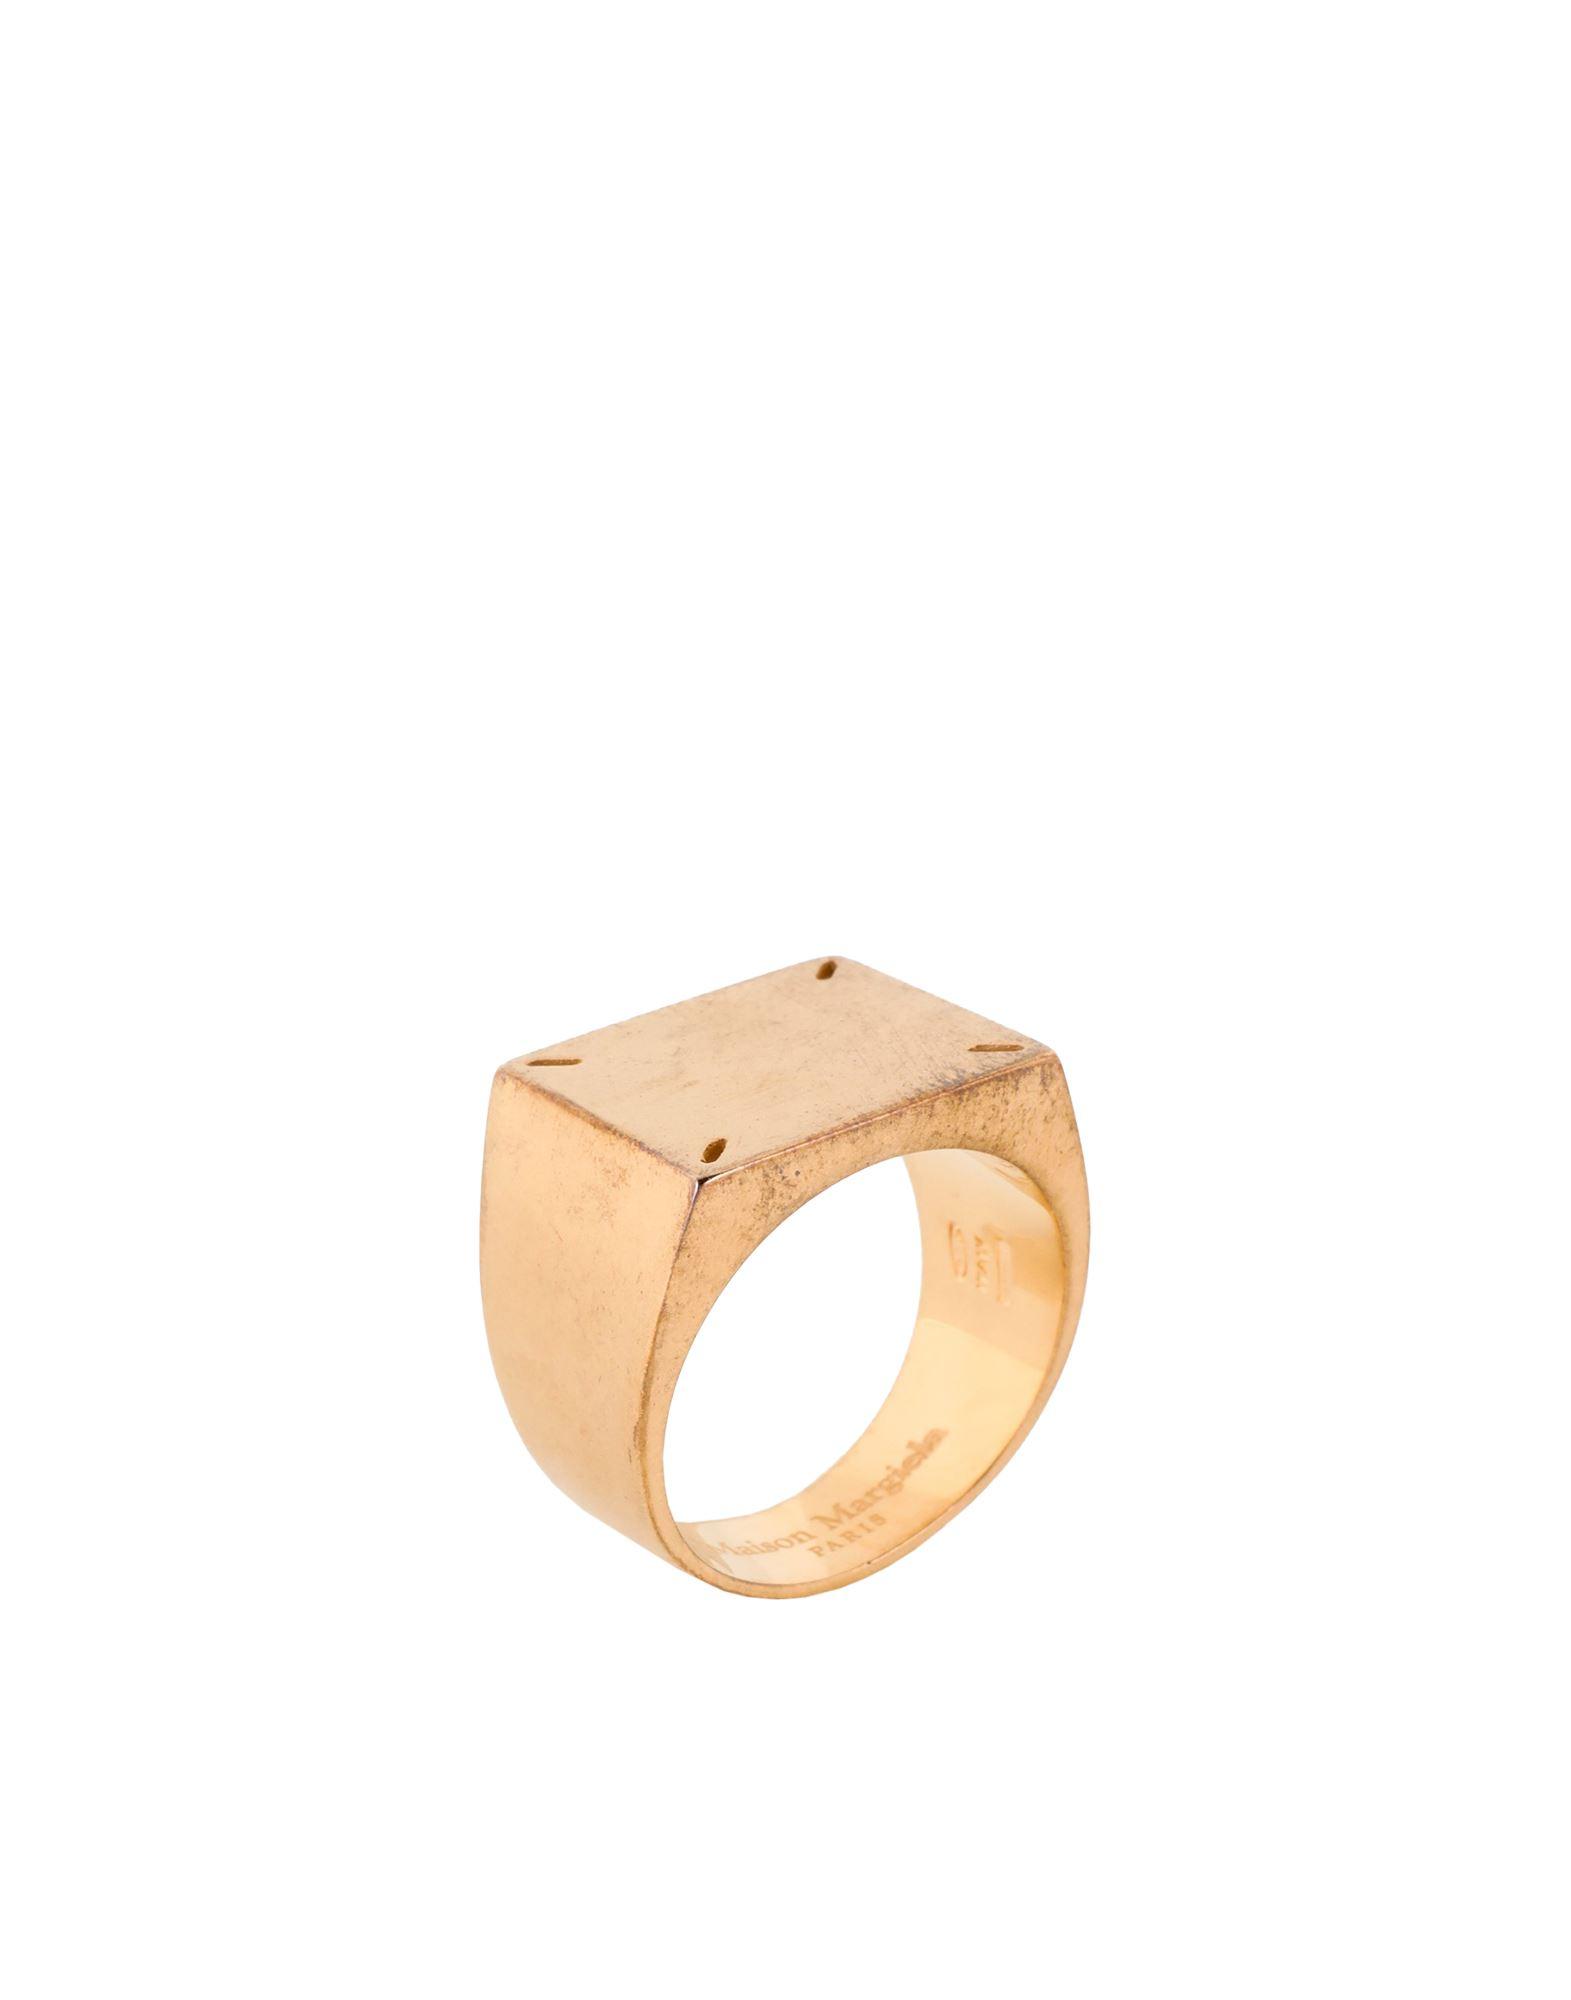 《セール開催中》MAISON MARGIELA メンズ 指輪 ゴールド L シルバー925/1000 100%